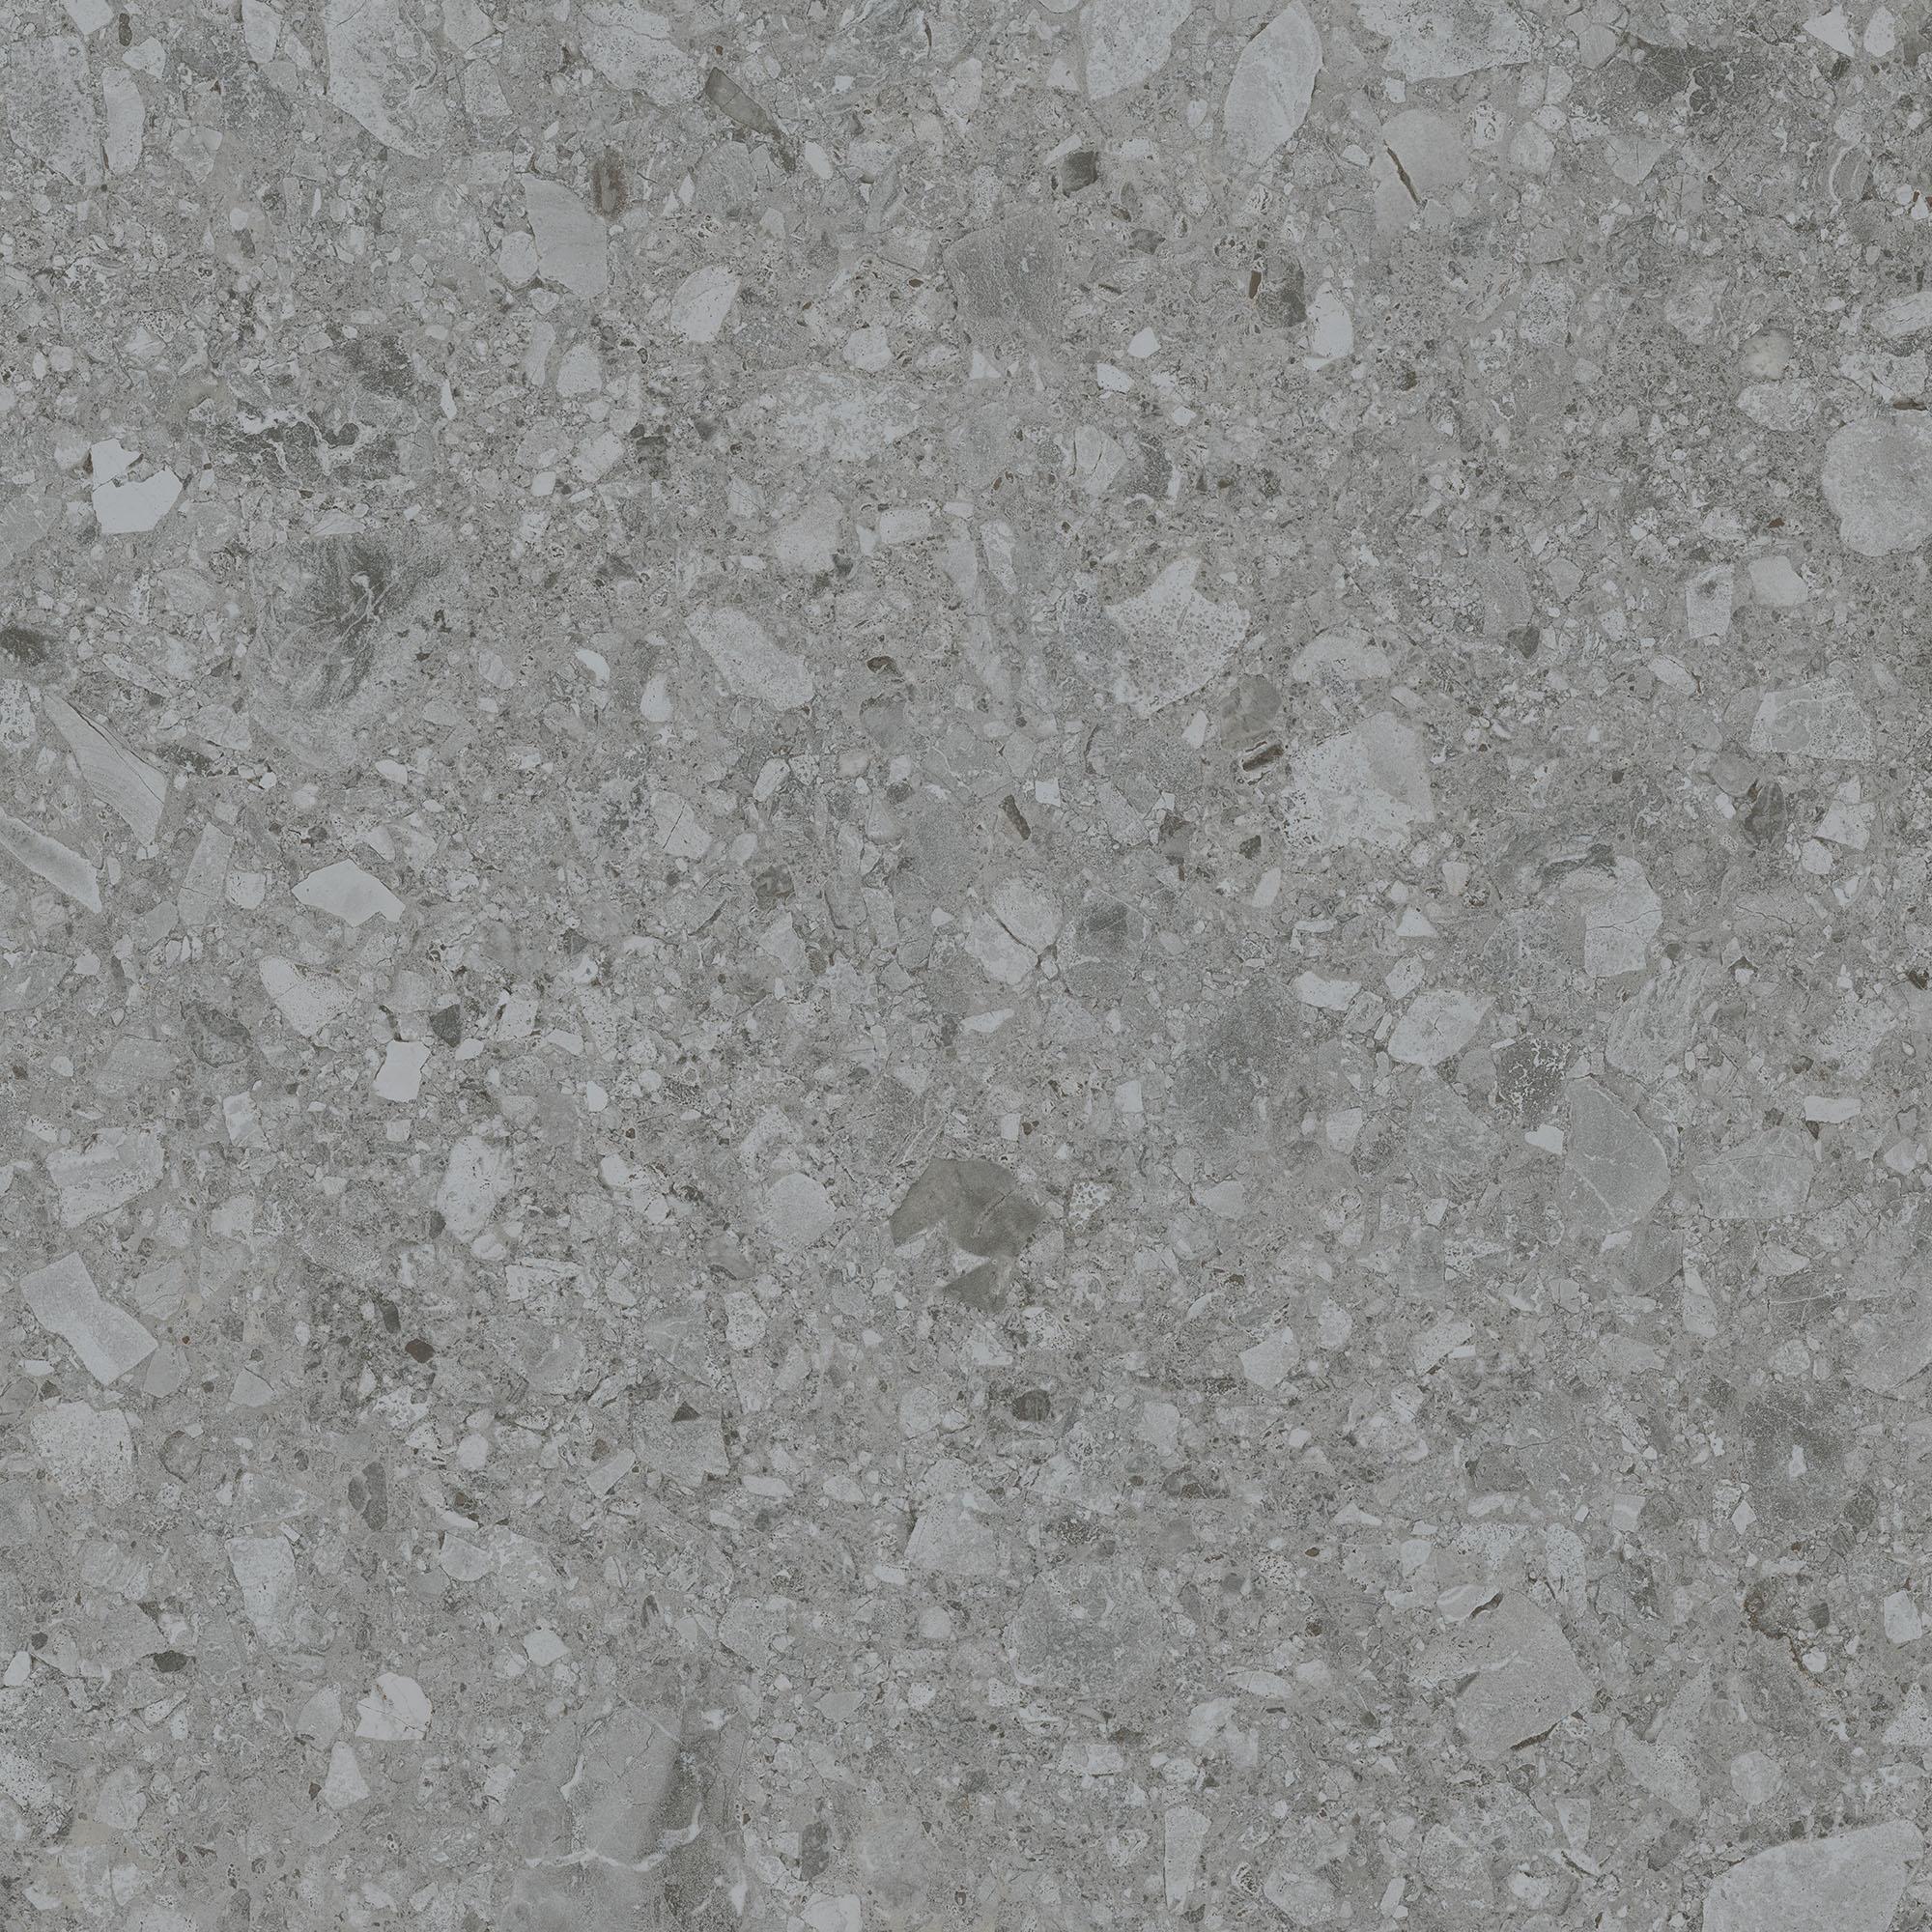 K947524R0001VTE0, Ceppostone, Tummanharmaa, lattia,liukastumisenesto,pakkasenkesto